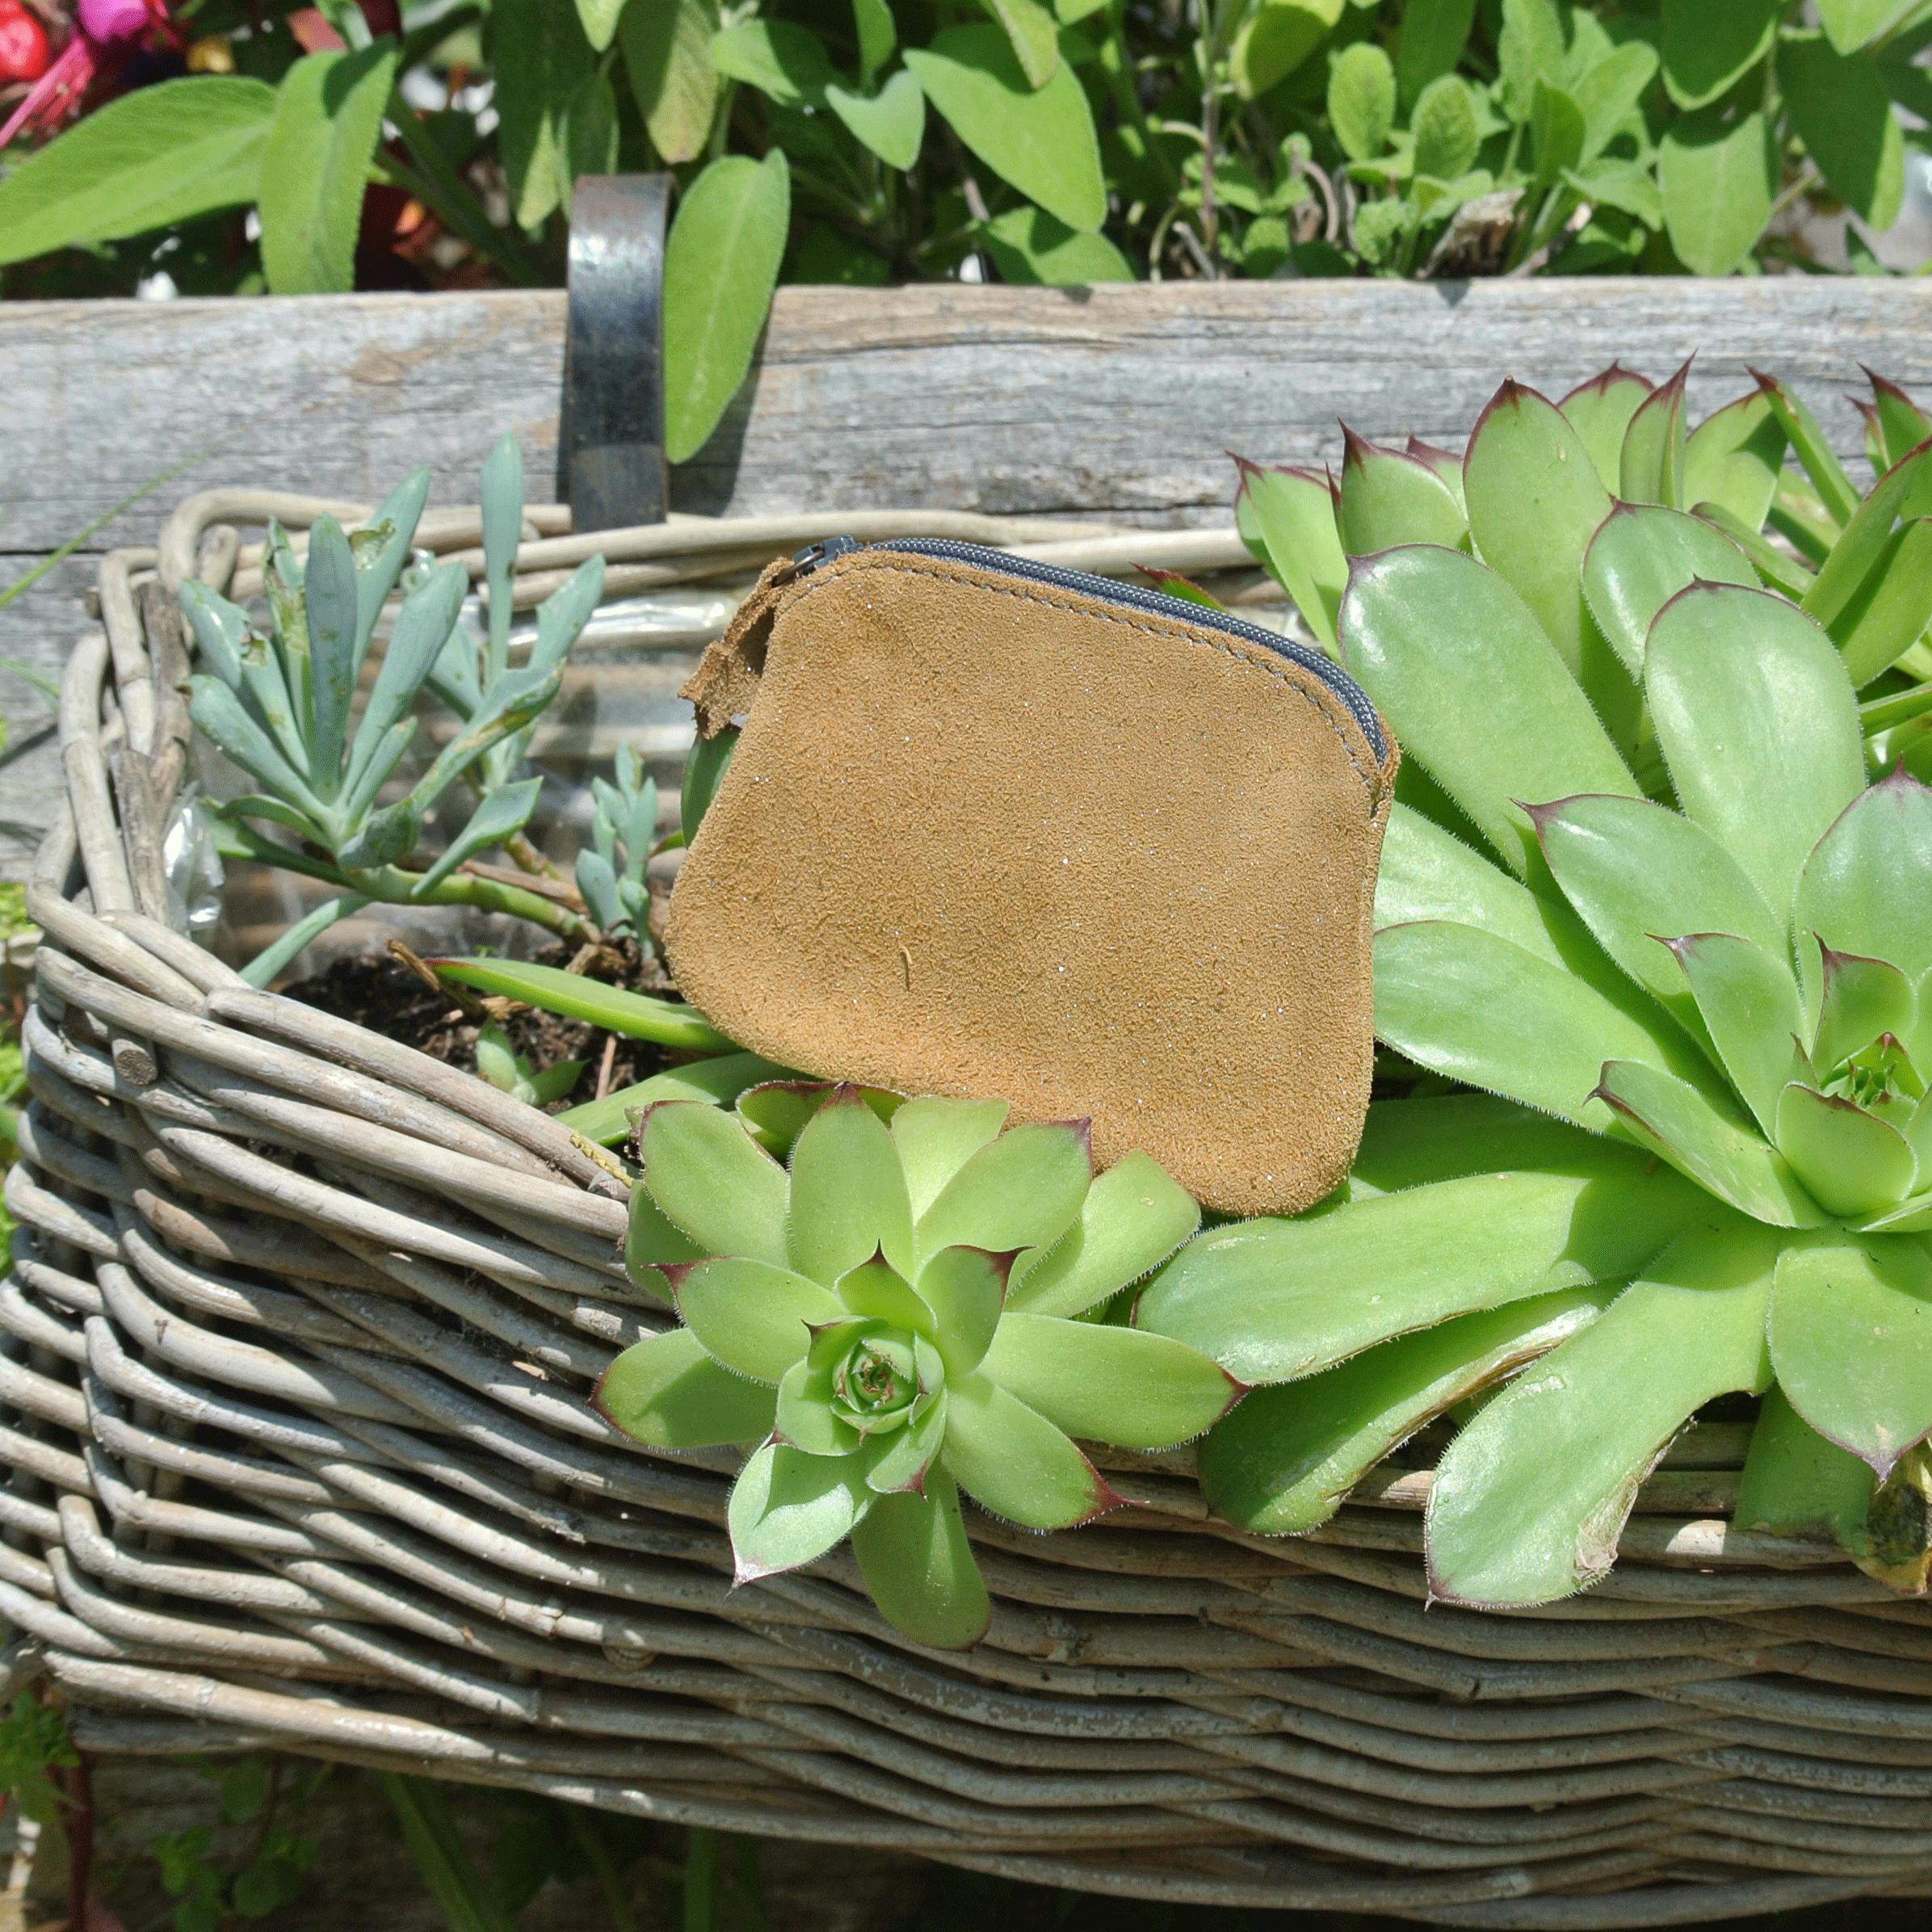 cuirs-fantaisies-la-cartabliere-fabrique-en-france-porte-monnaie-kiwi-en-cuir-paillete-rhizome